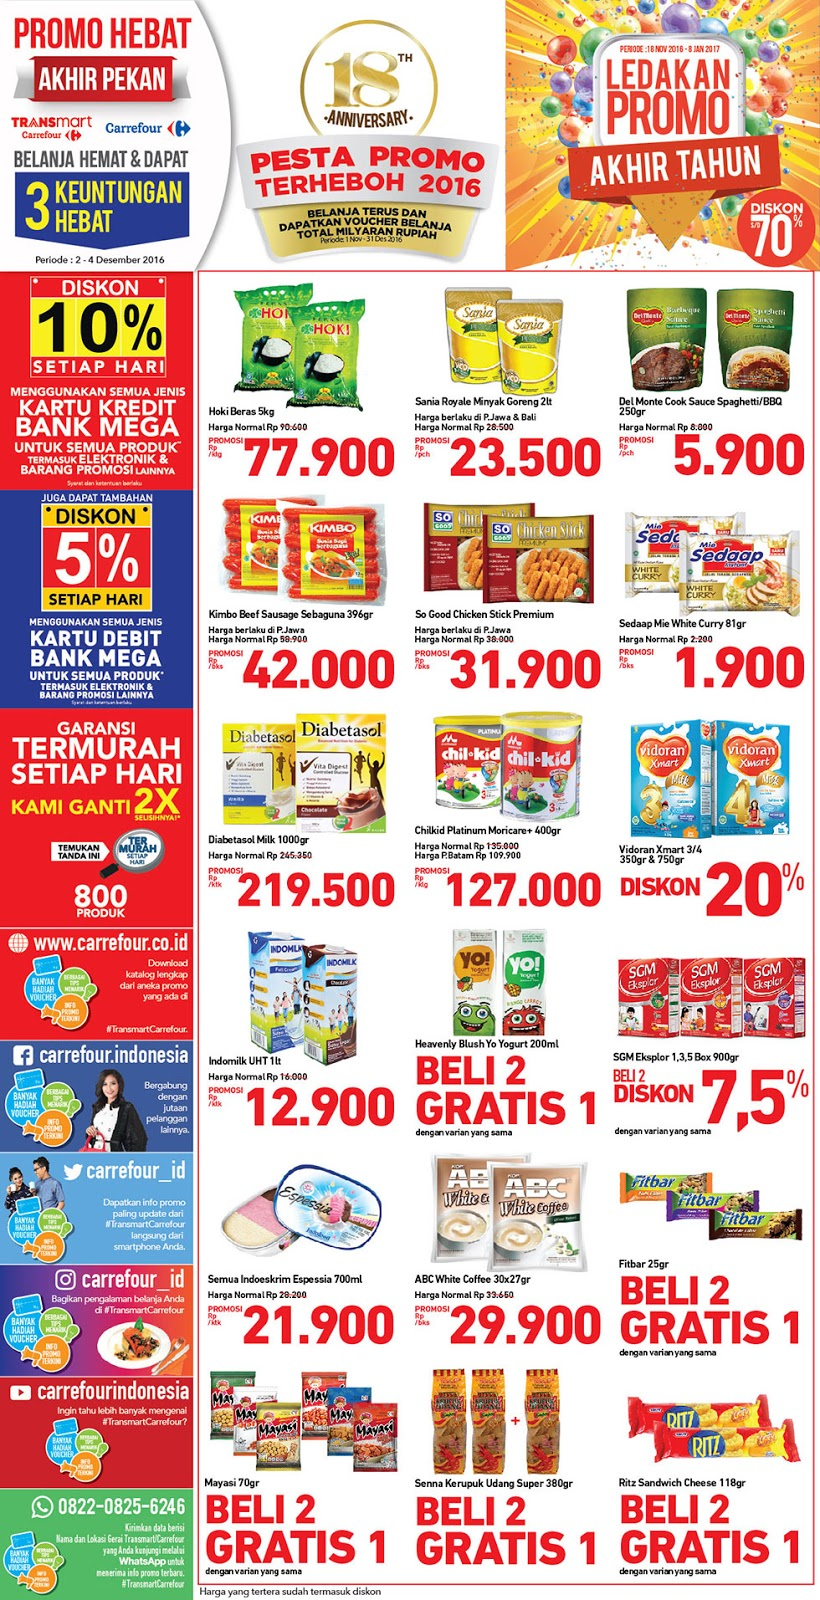 Katalog Promo Nusantara Jsm Carrefour 2 4 Desember 2016 Katalog